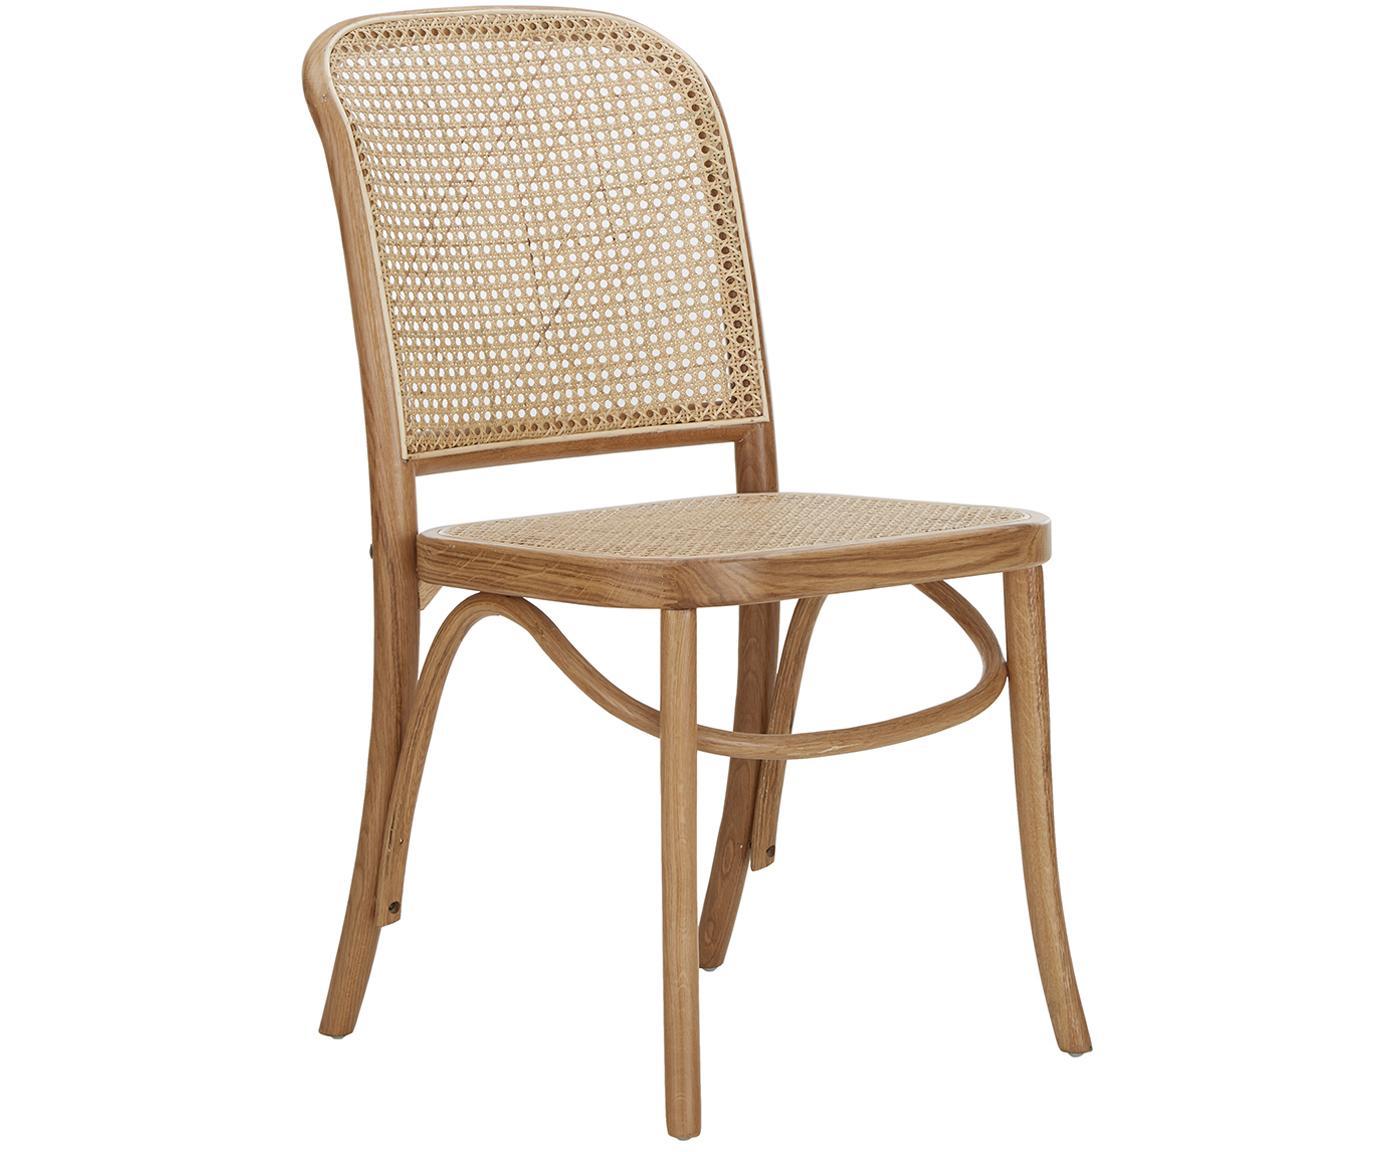 Sedia con intreccio viennese Franz, Seduta: rattan, Struttura: legno di quercia massicci, Marrone, Larg. 48 x Prof. 59 cm